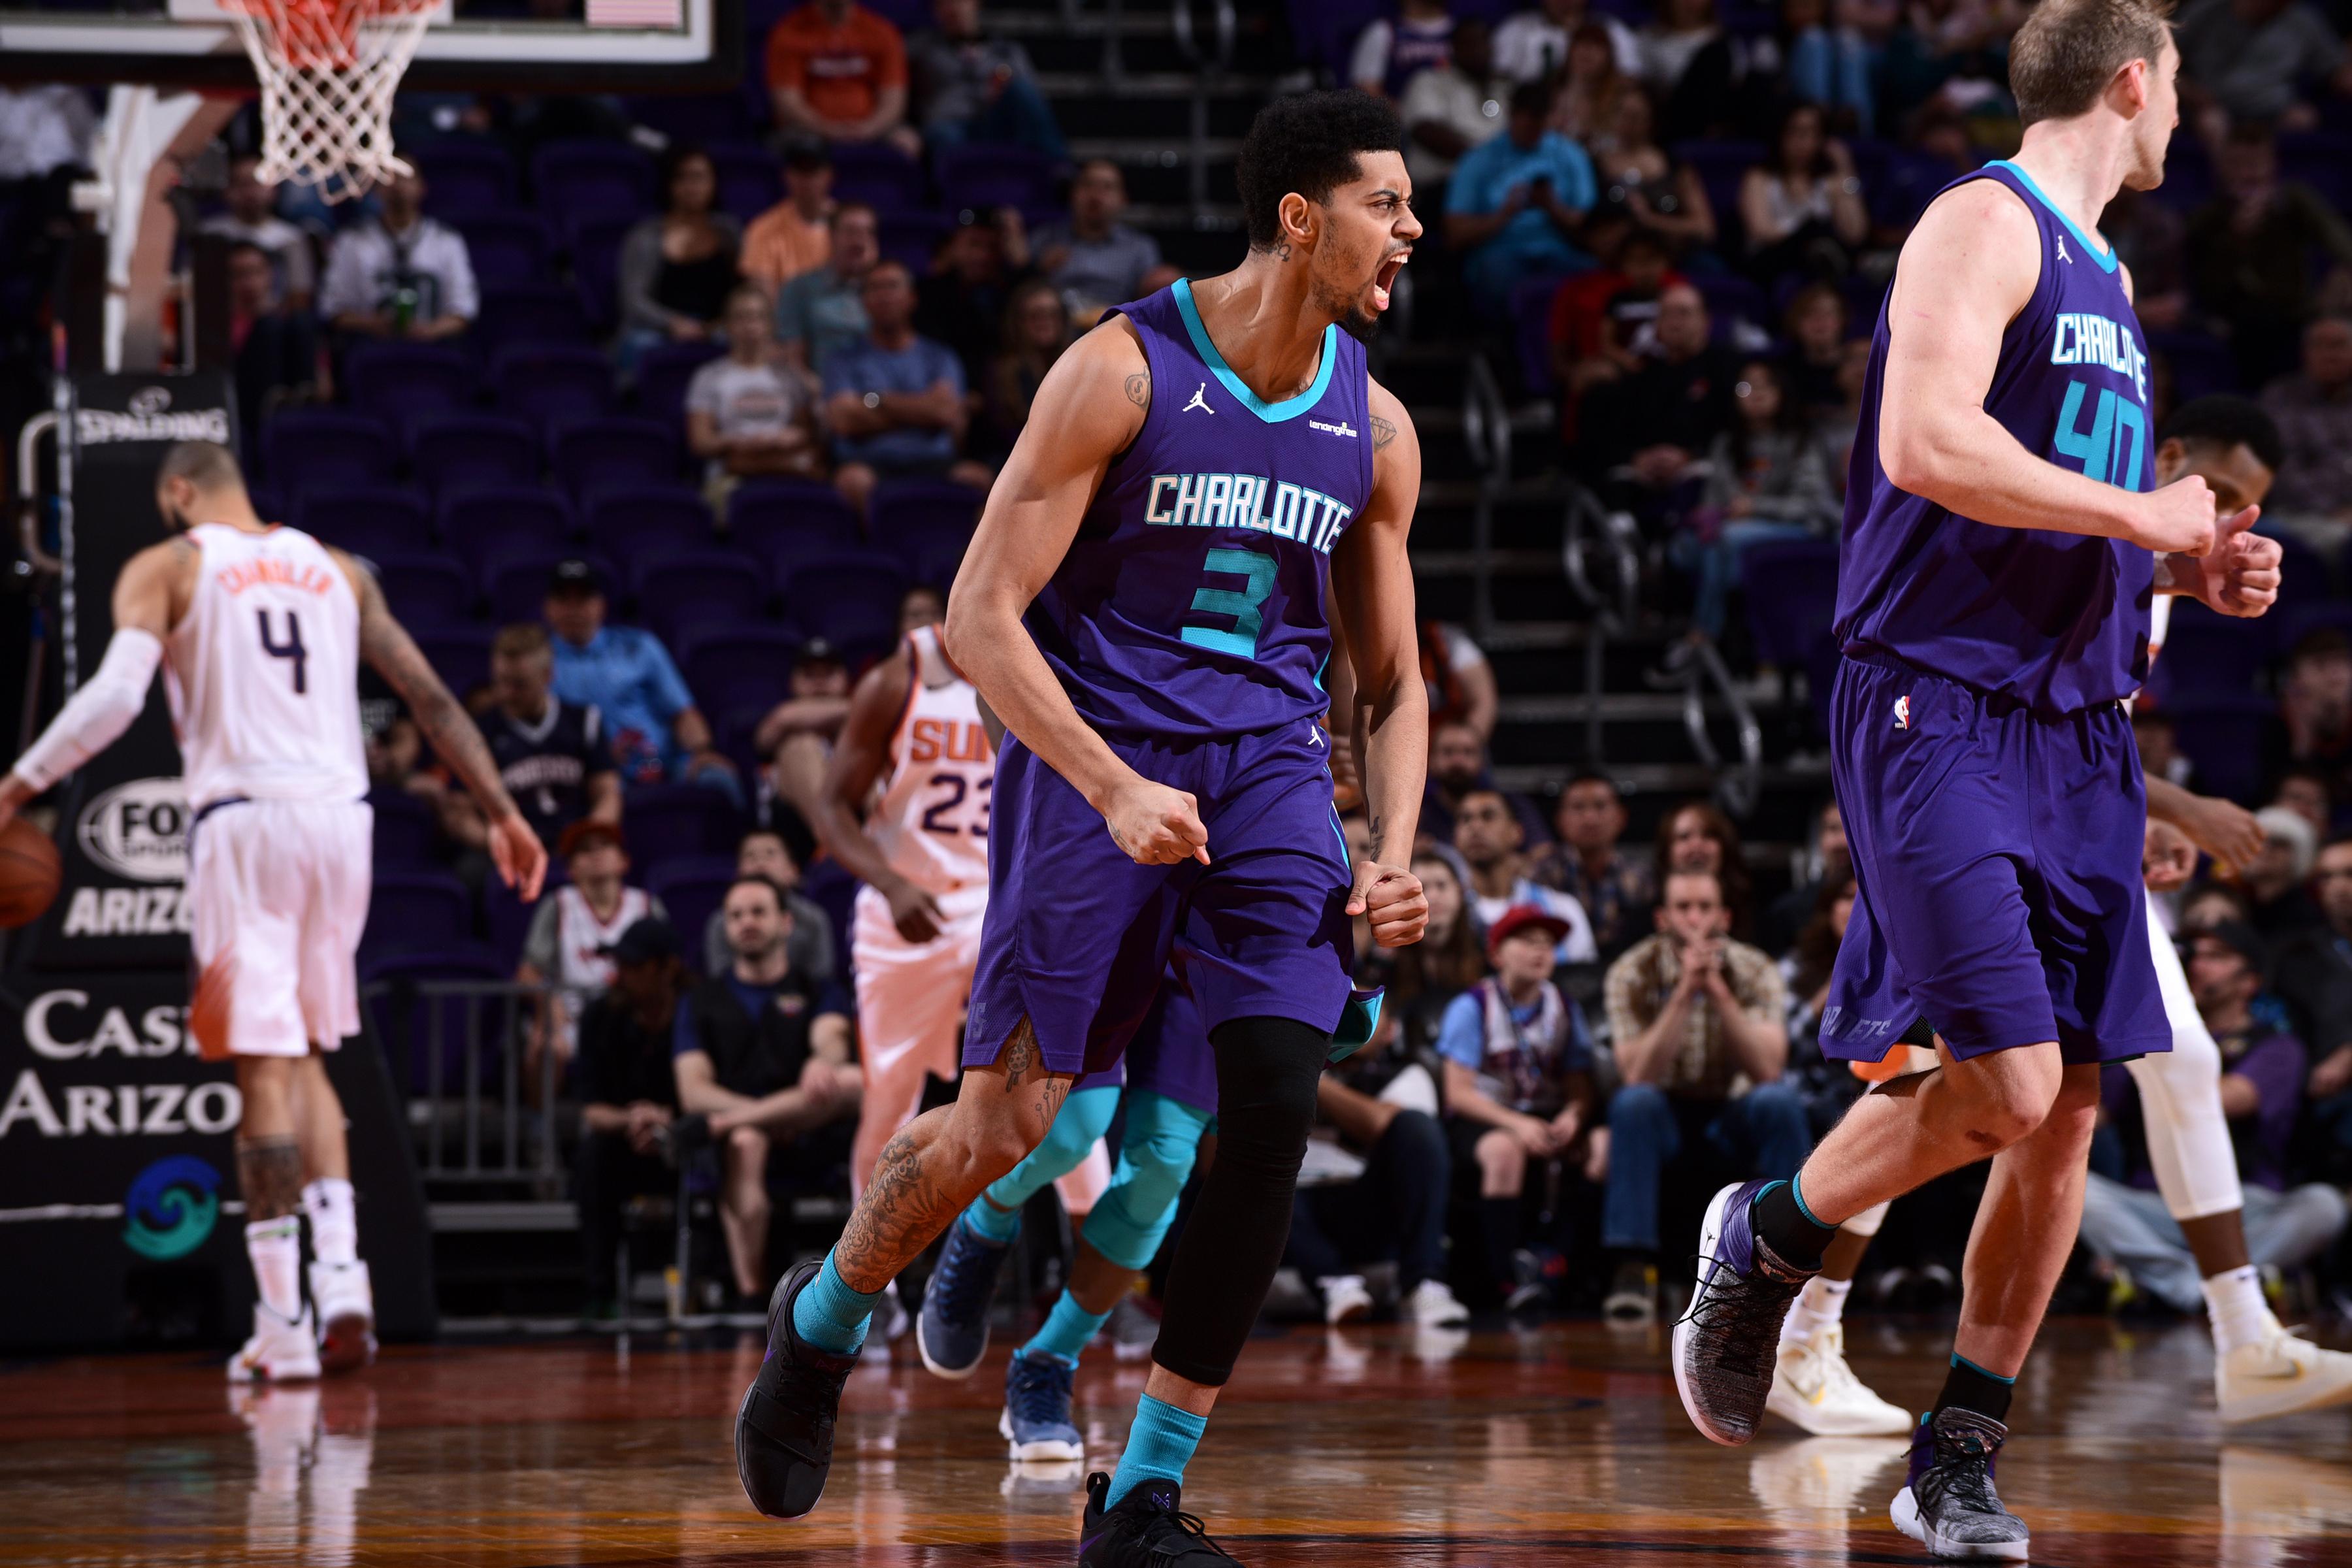 Cleveland Cavaliers Should Trade LeBron James, But It Won't Happen